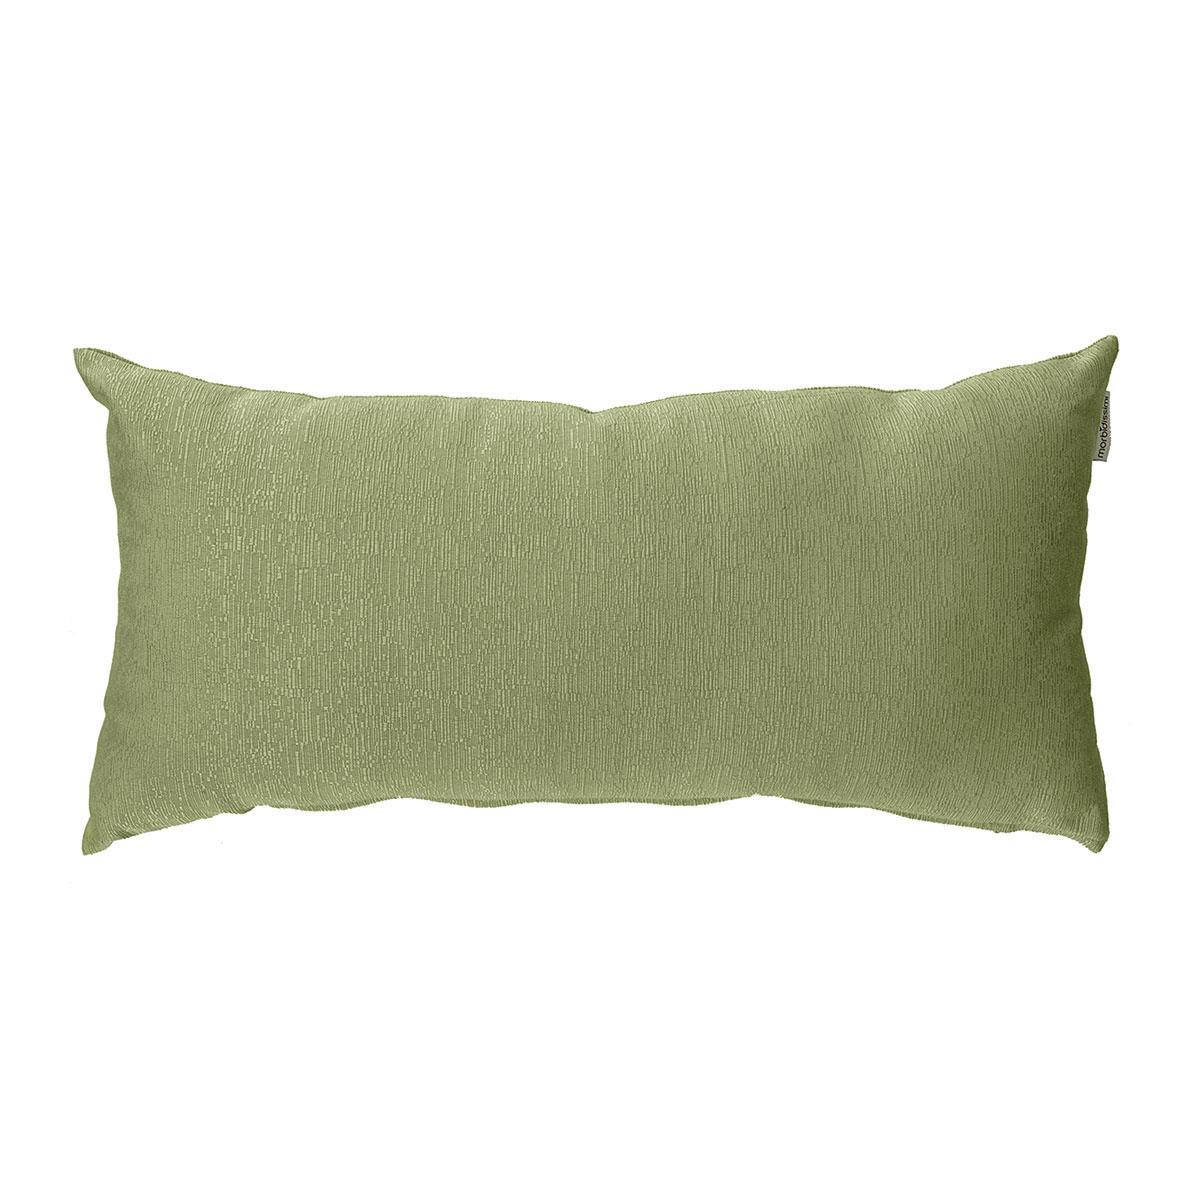 cuscino rettangolare ottoman verde oliva